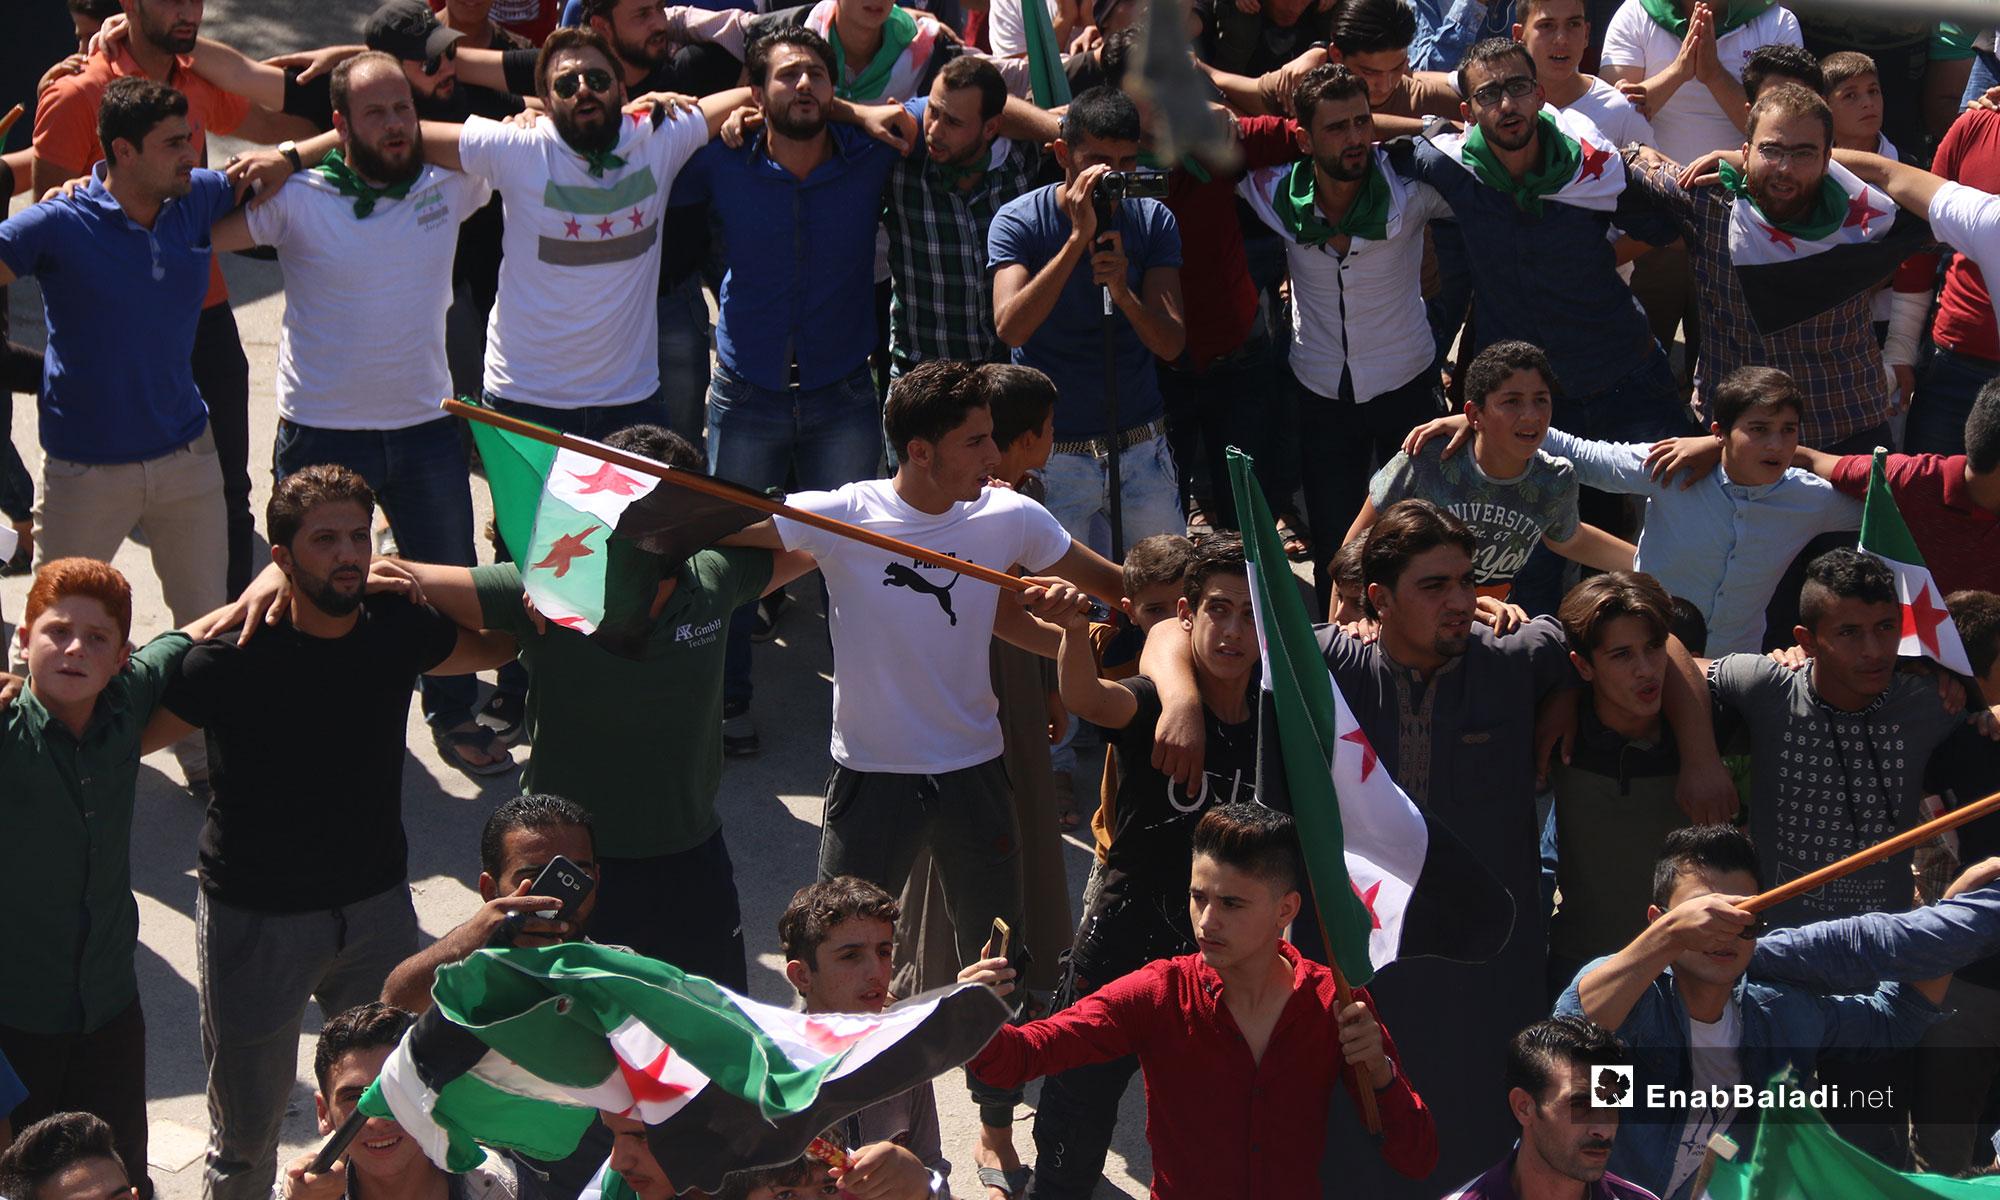 مظاهرات شعبية في كفرنبل بريف إدلب - 5 من تشرين الأول 2018 (عنب بلدي)